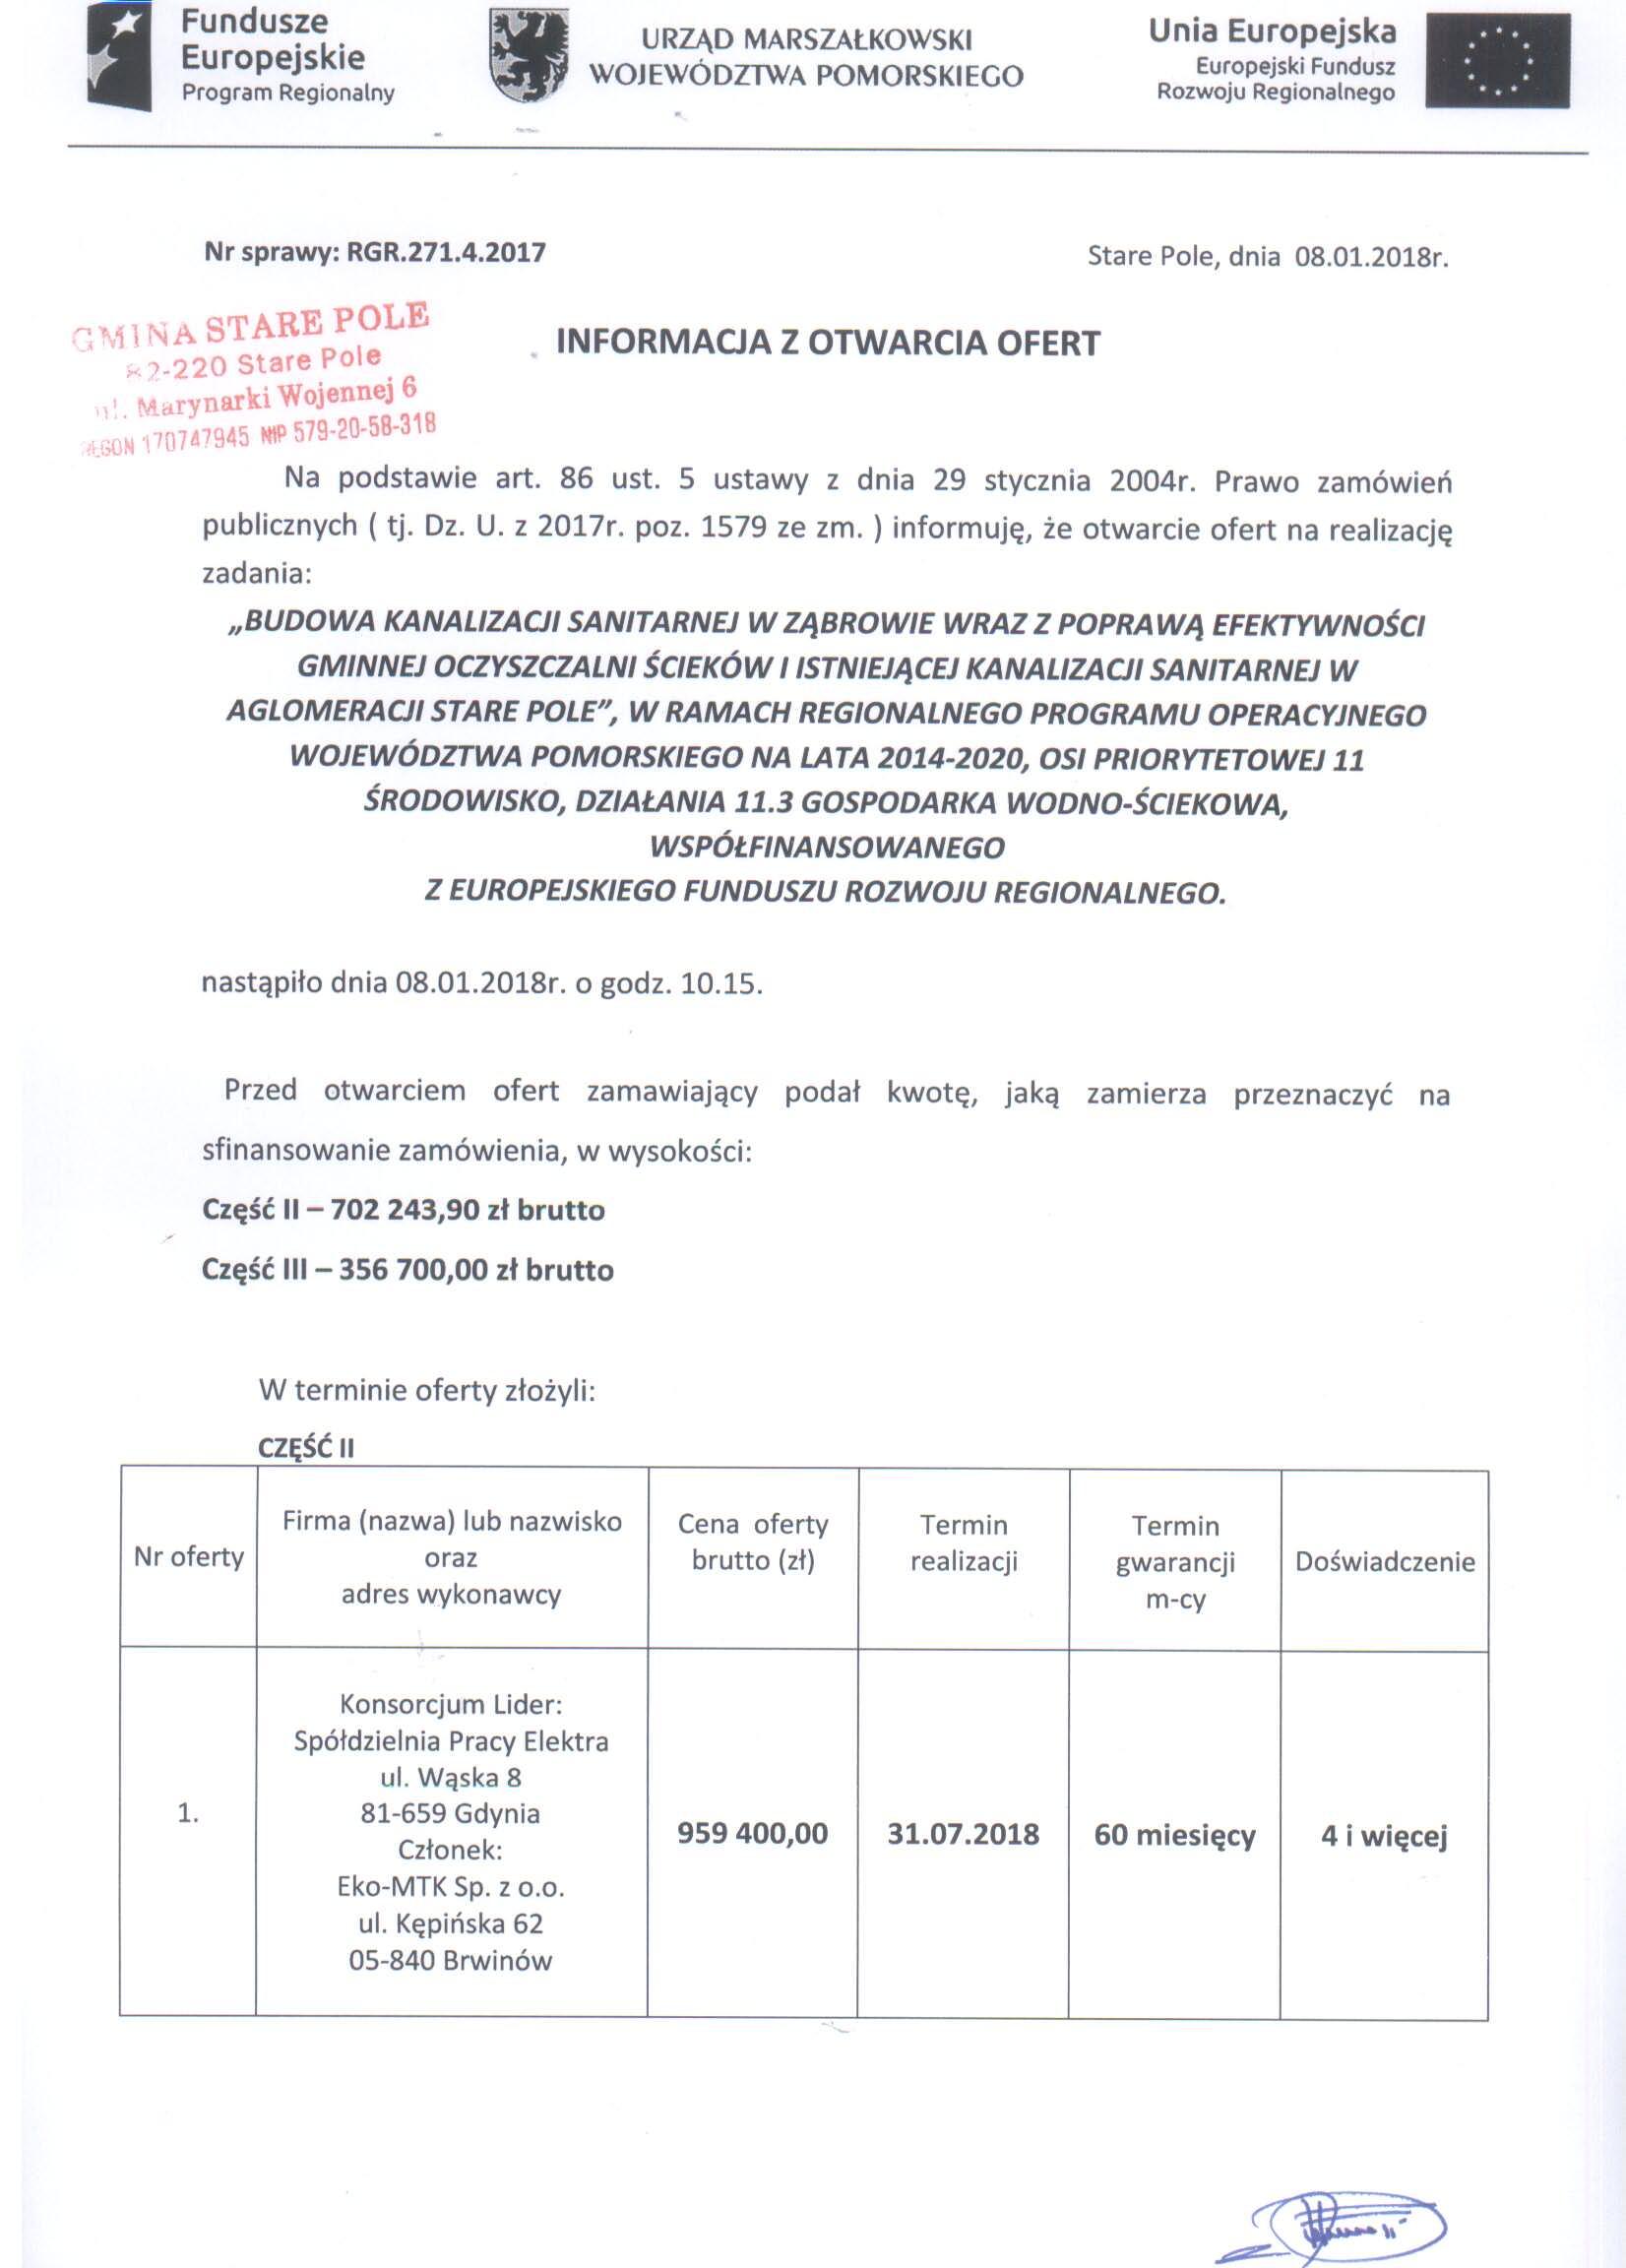 Informacja z dnia 8 stycznia 2018 r. z otwarcia ofert - str. 1